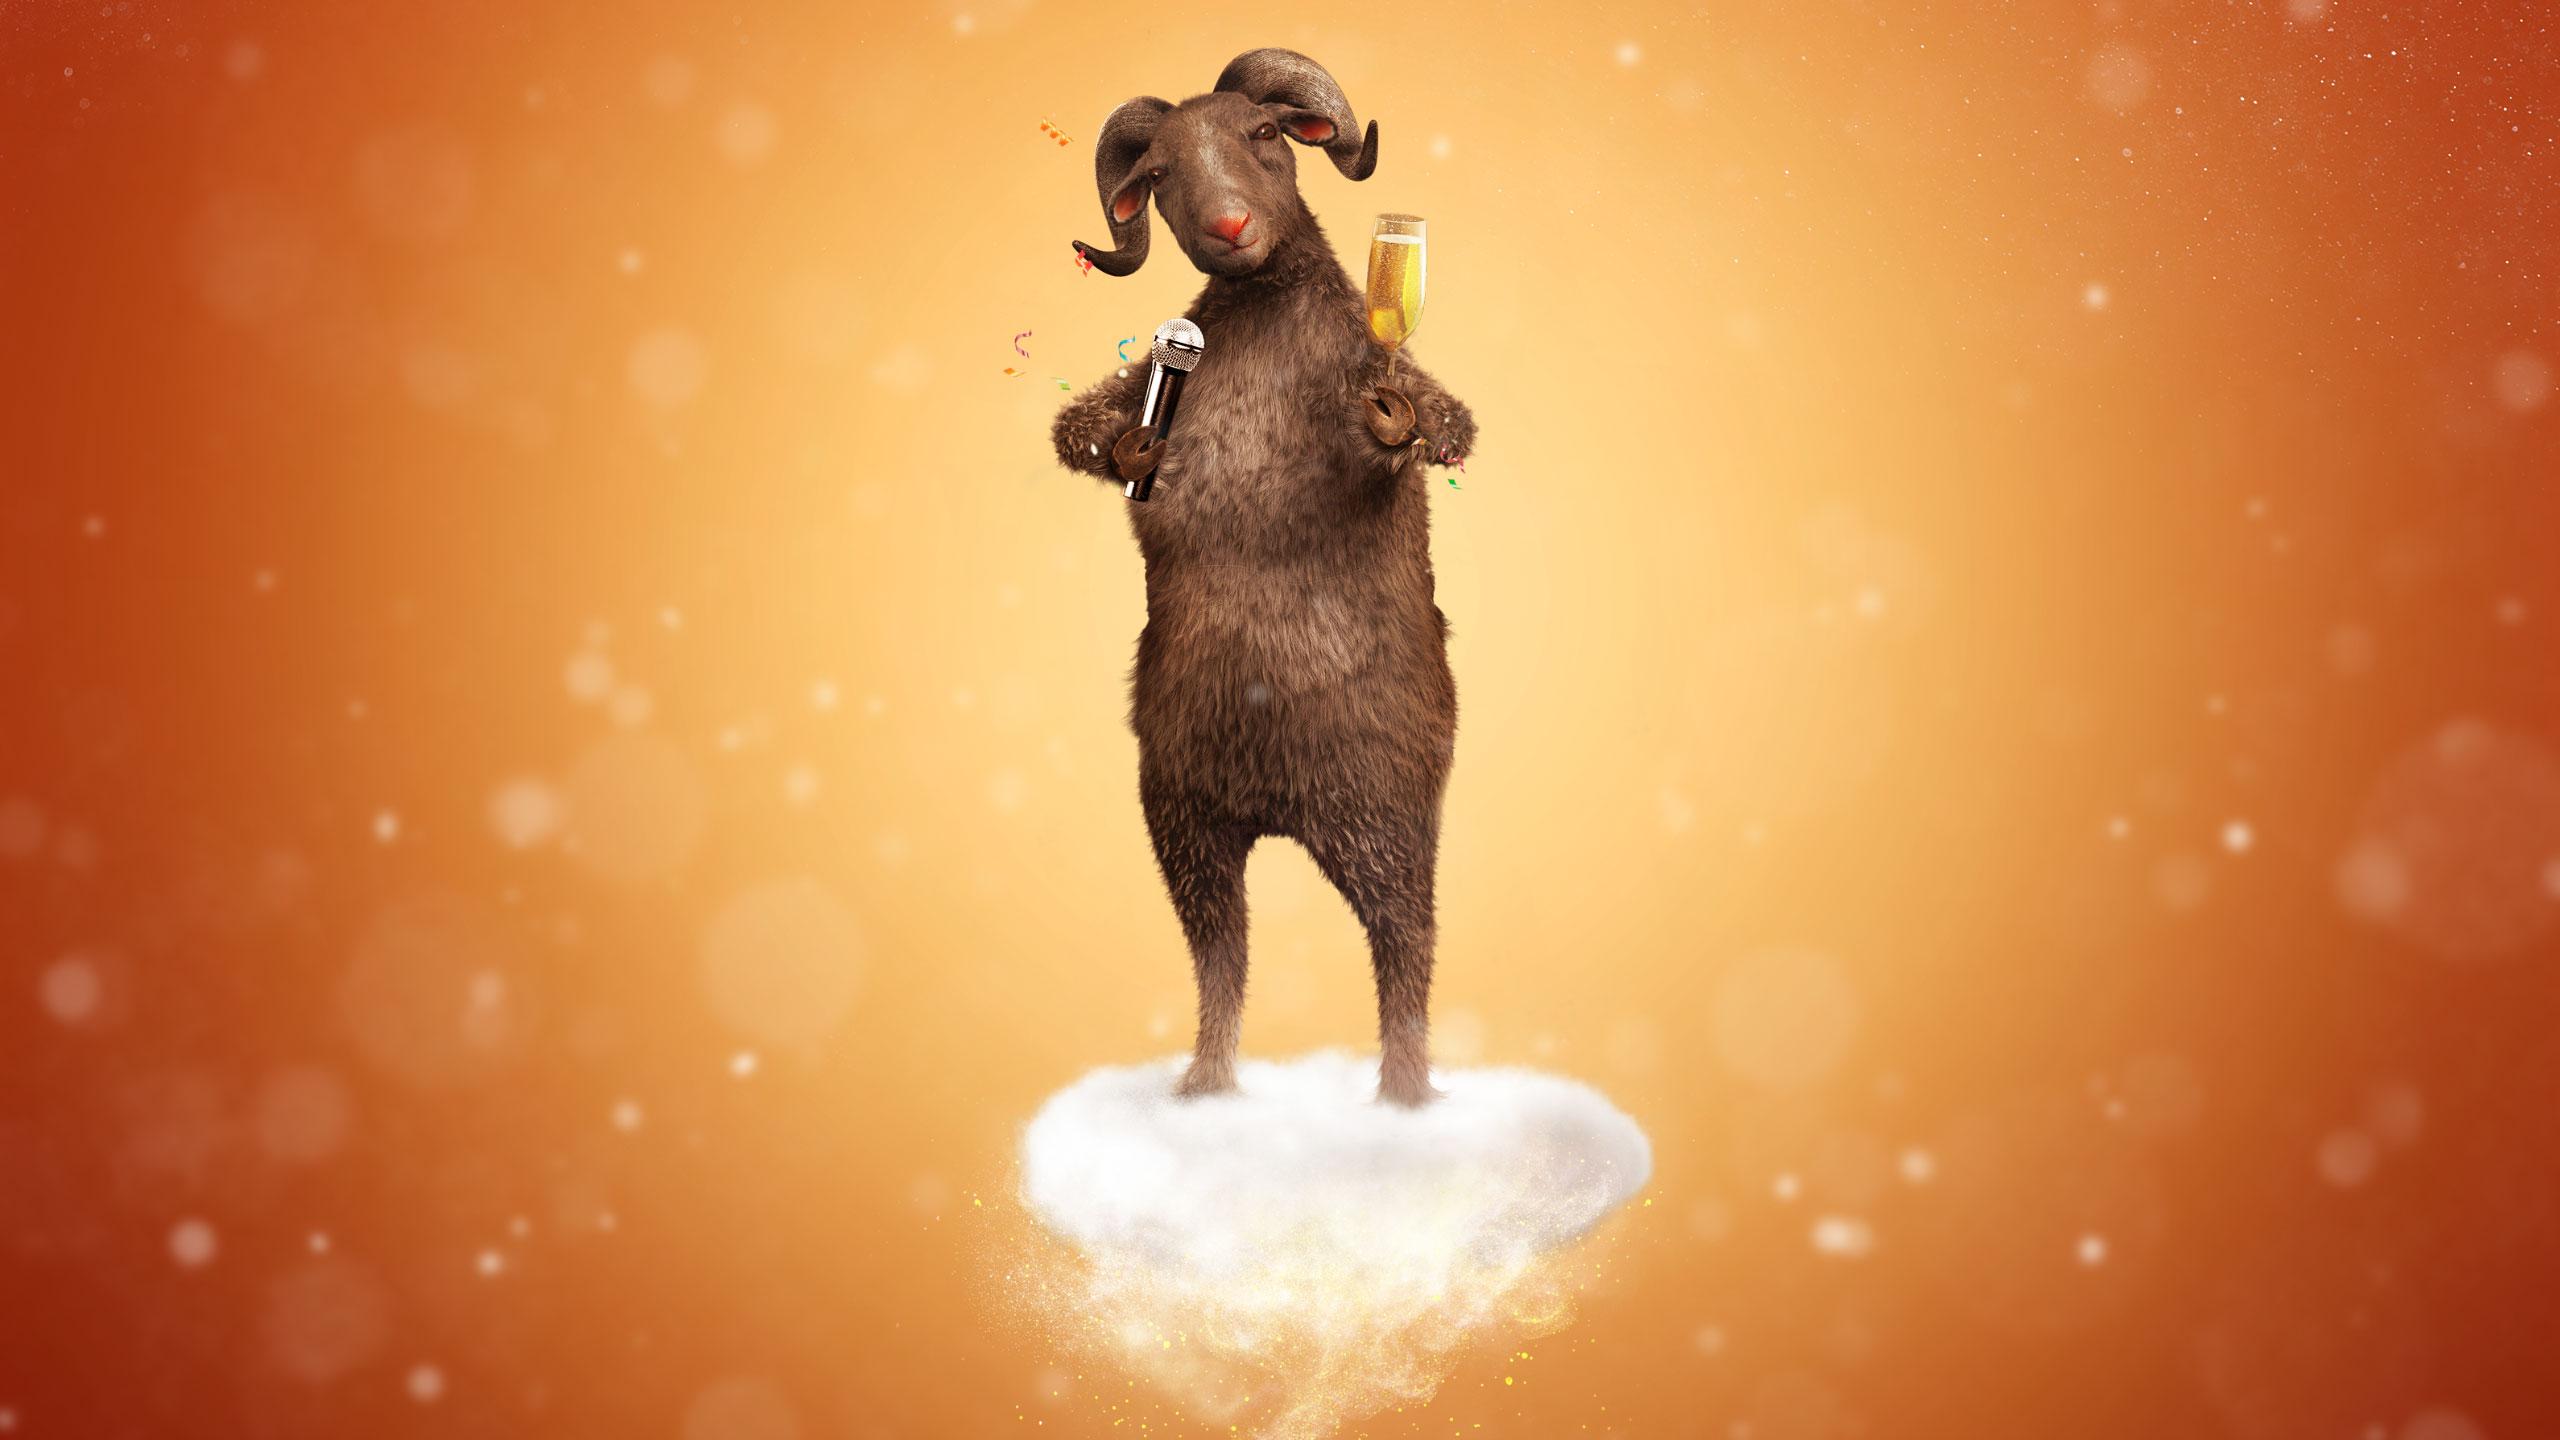 sheep_He